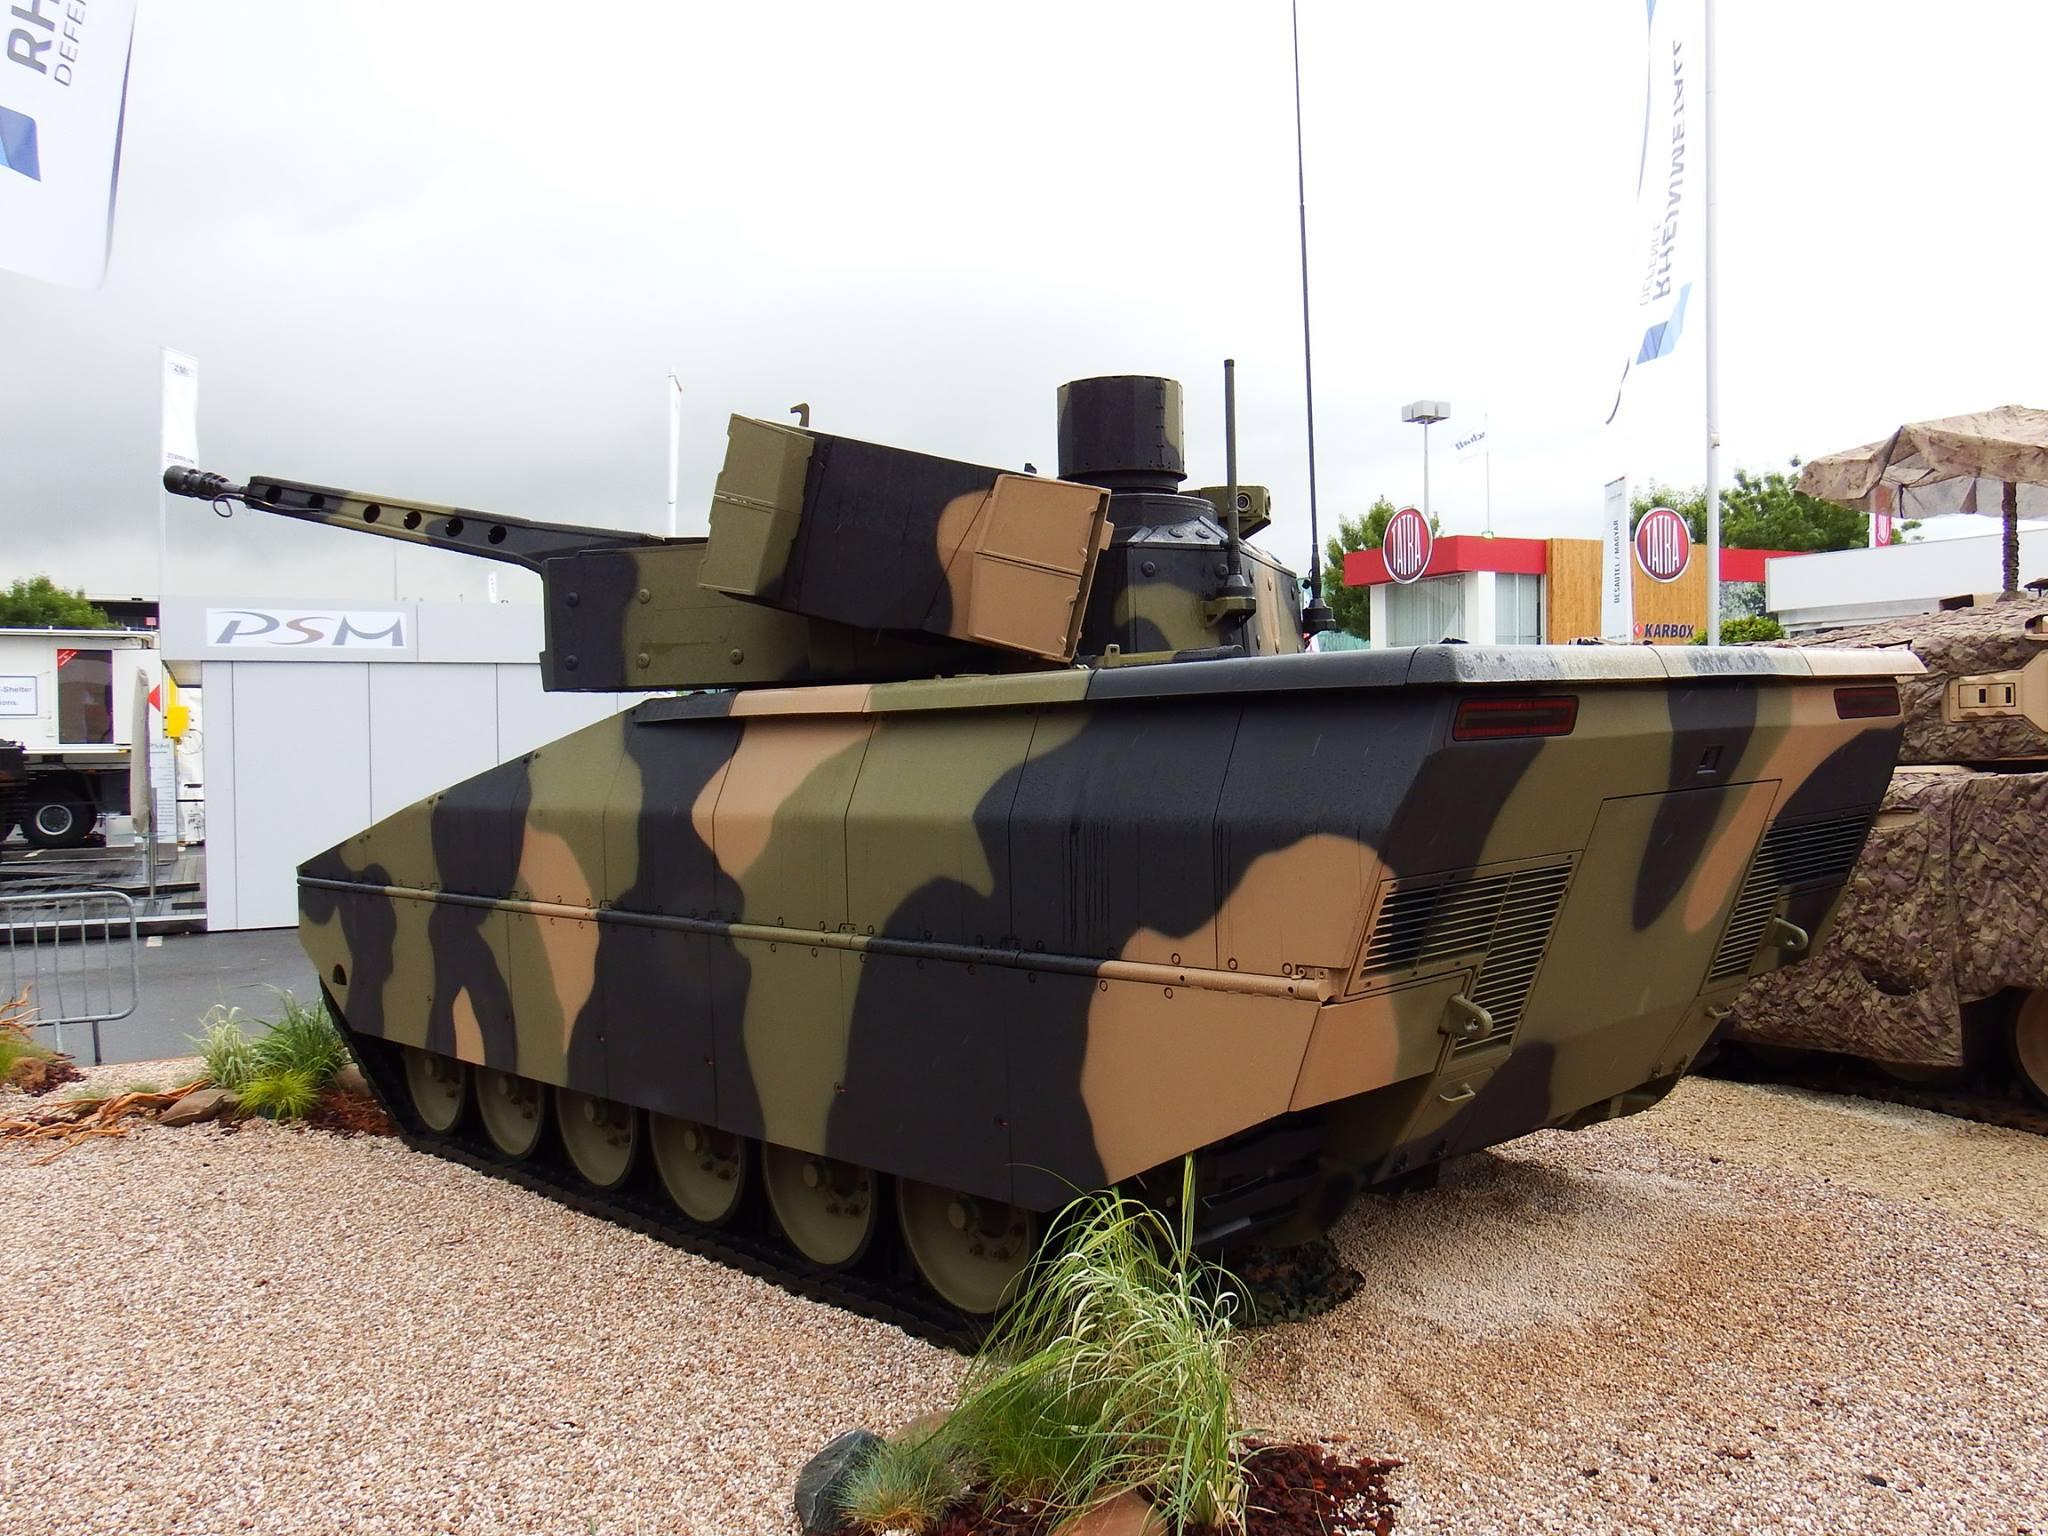 Представленный на выставке Eurosatory 2016 первый образец новой гусеничной боевой машины пехоты Rheinmetall Lynx в исполнении KF31.